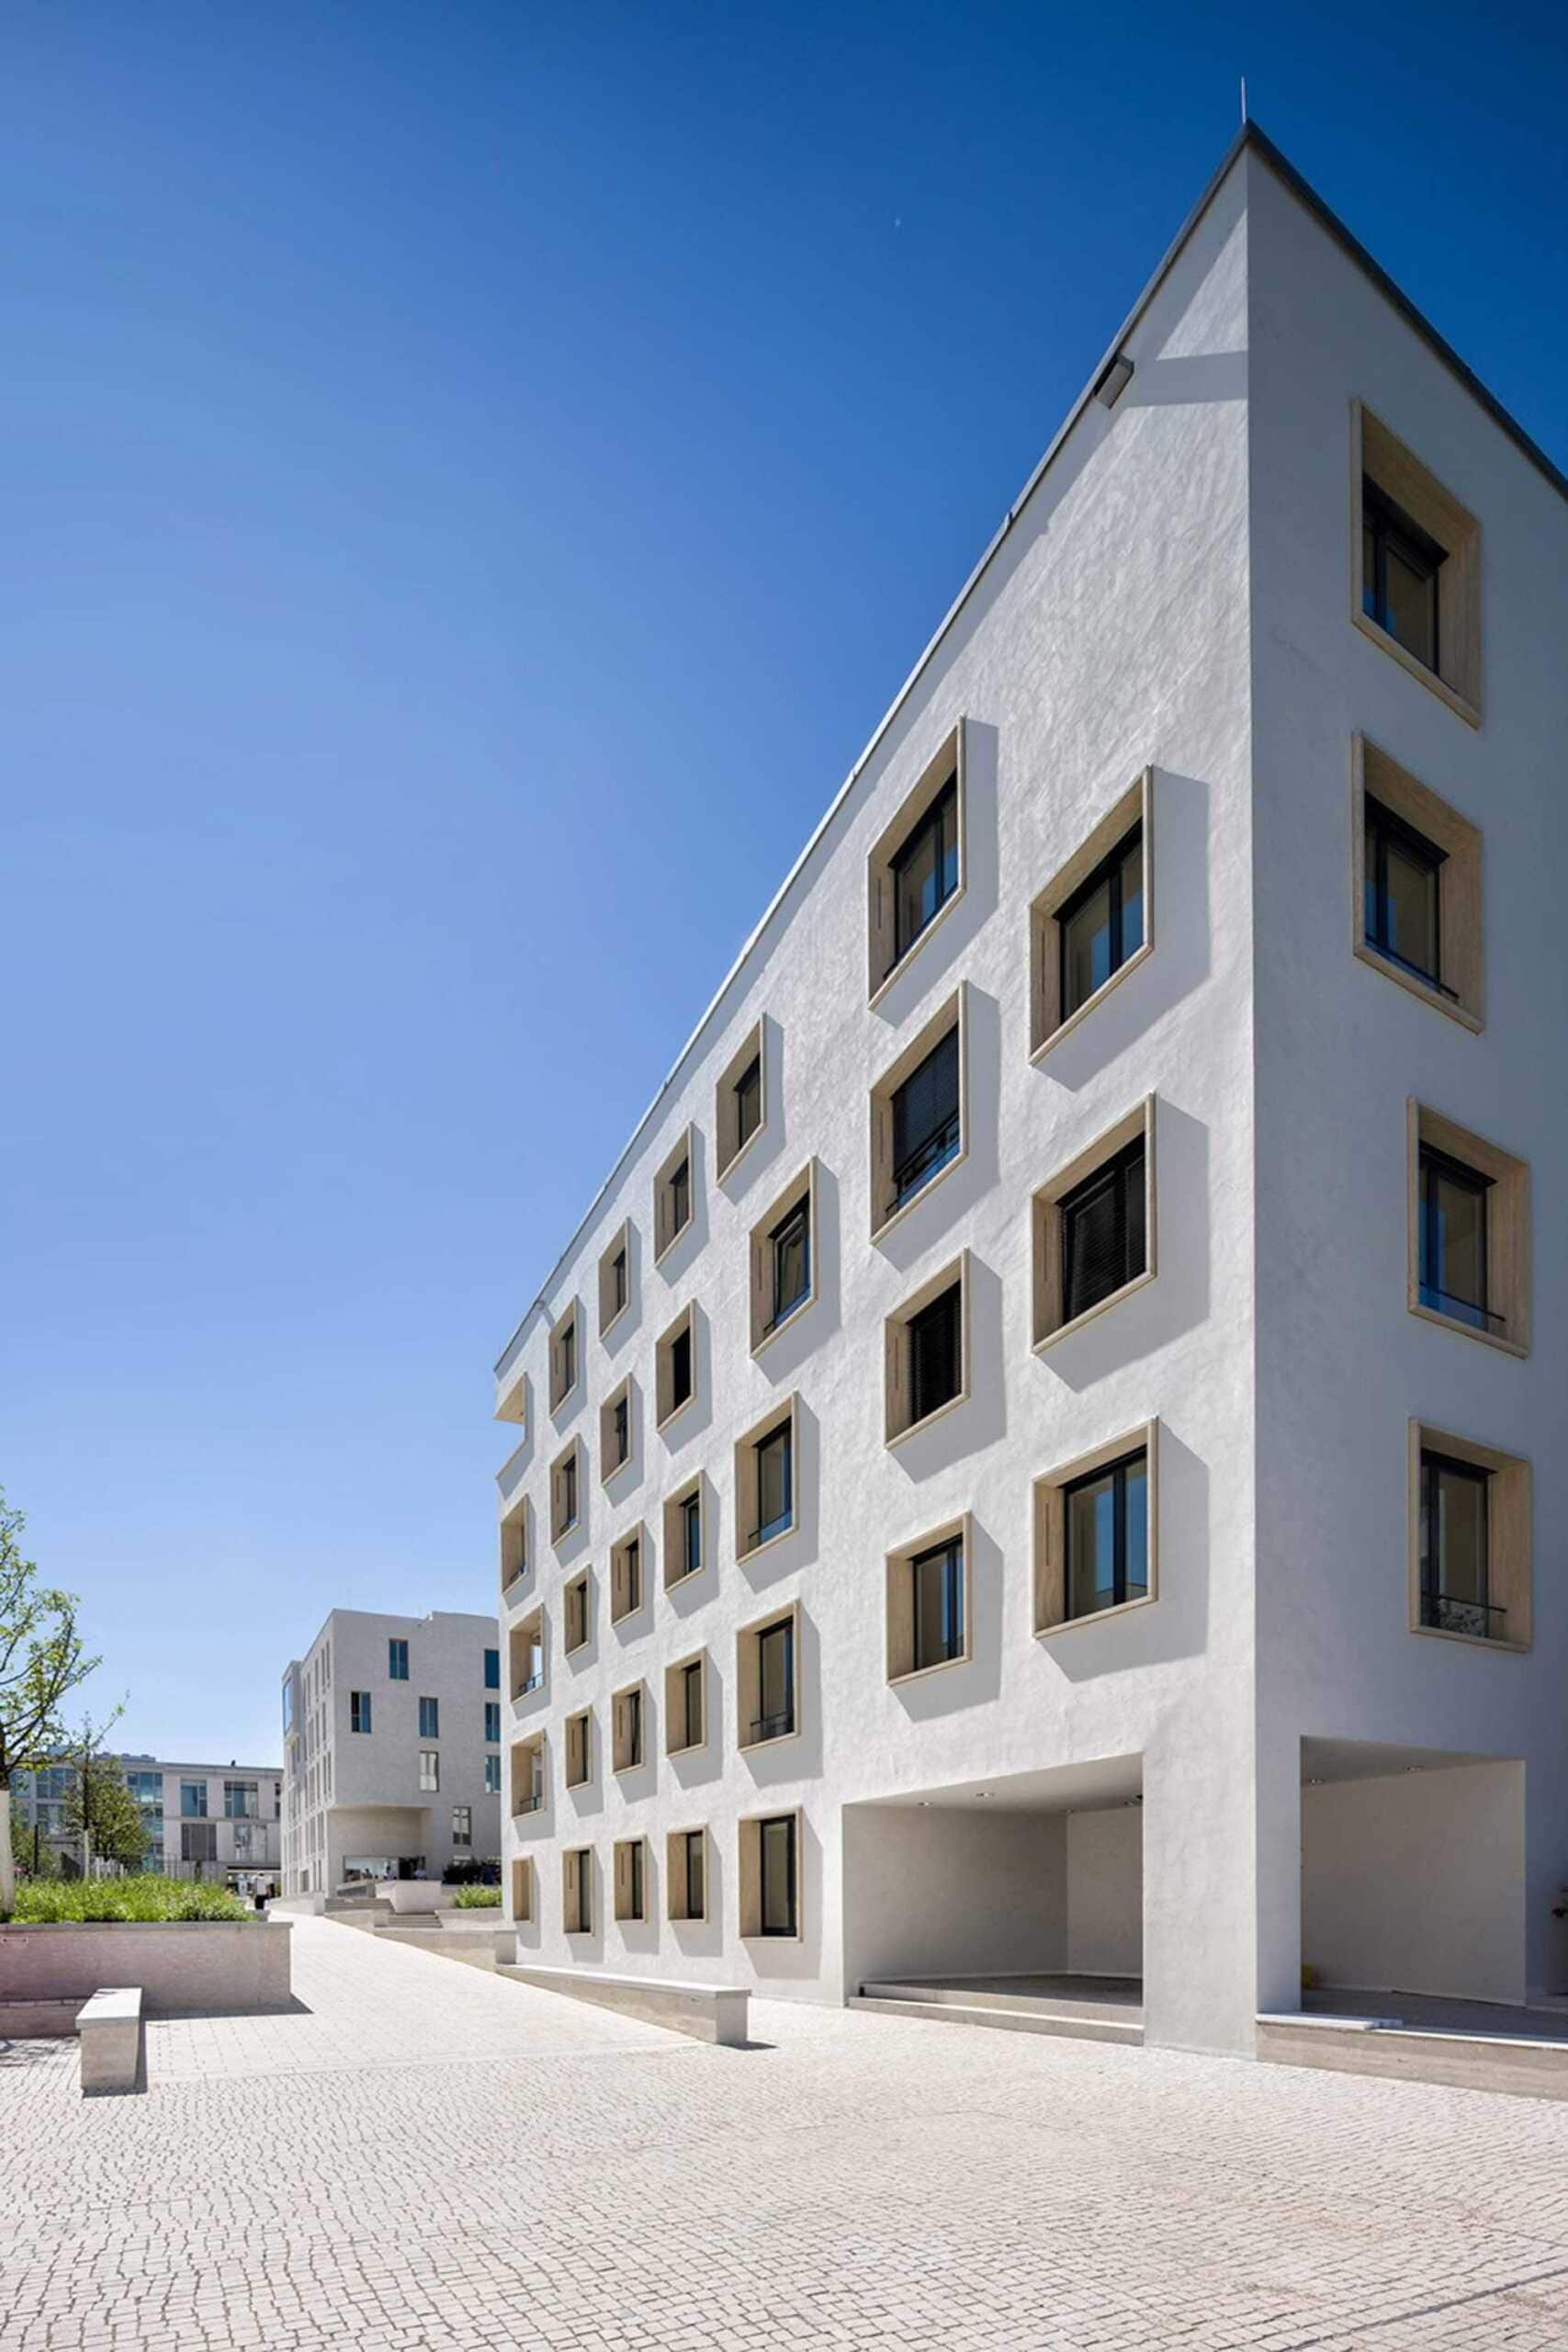 Architekturfotografie im stuttgarter Weissenhof